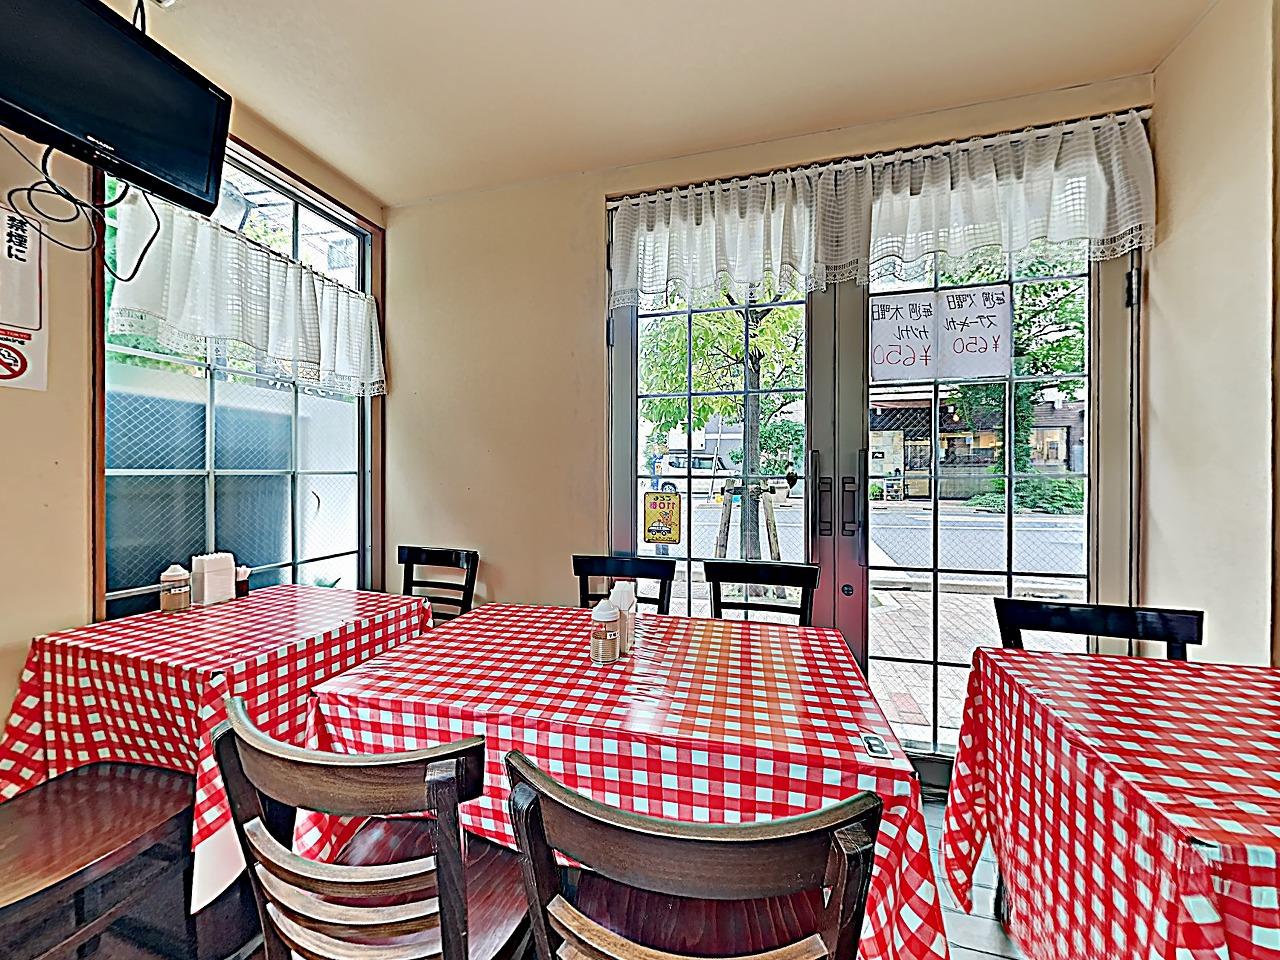 【茅場町】「手頃な価格で美味しいカレーをみなさんに提供したい」思いがこもったカレー店を12月にオープン!